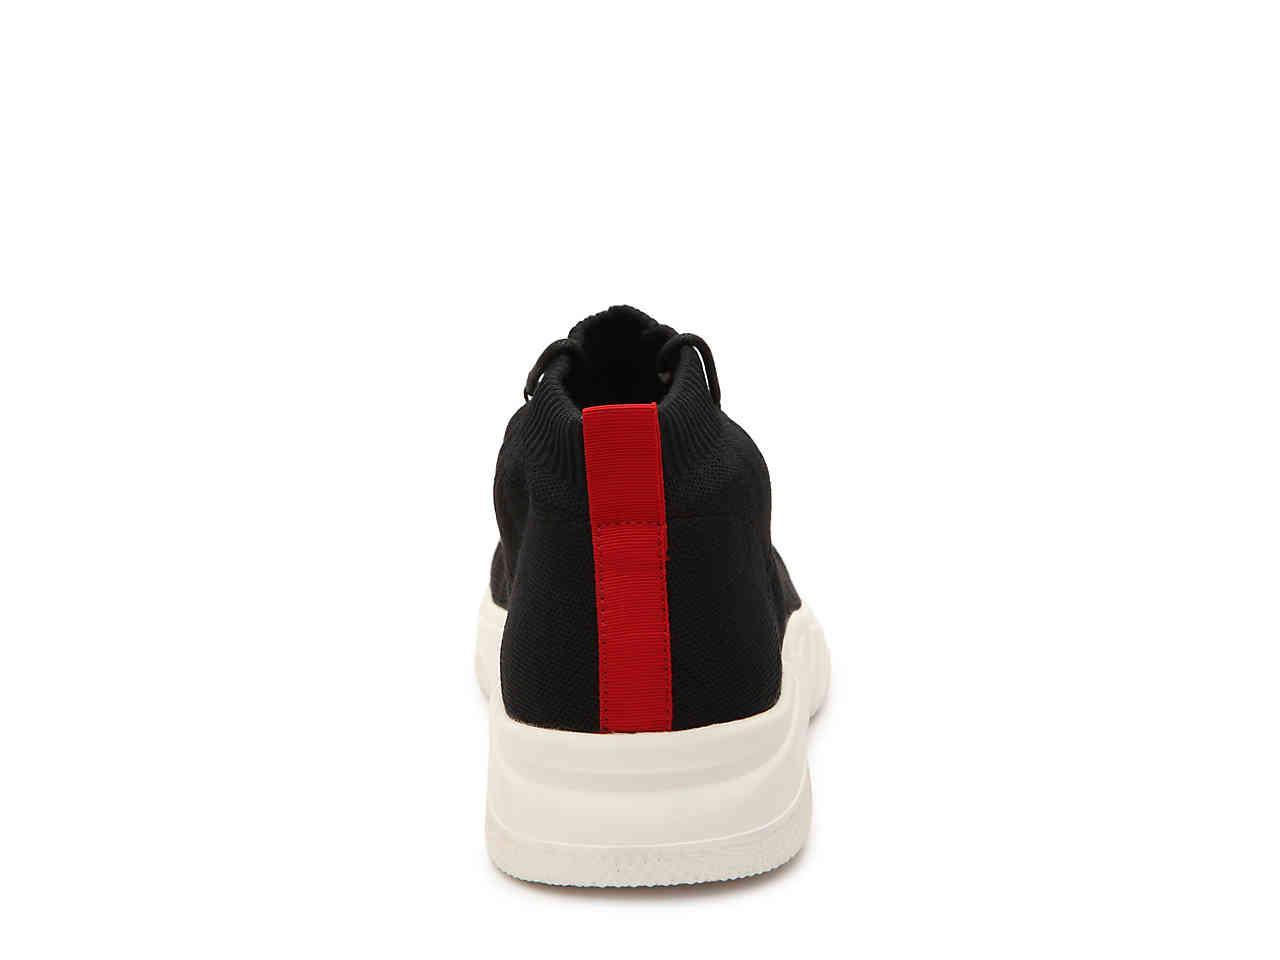 Madden Hint Sneaker in Black for Men - Lyst